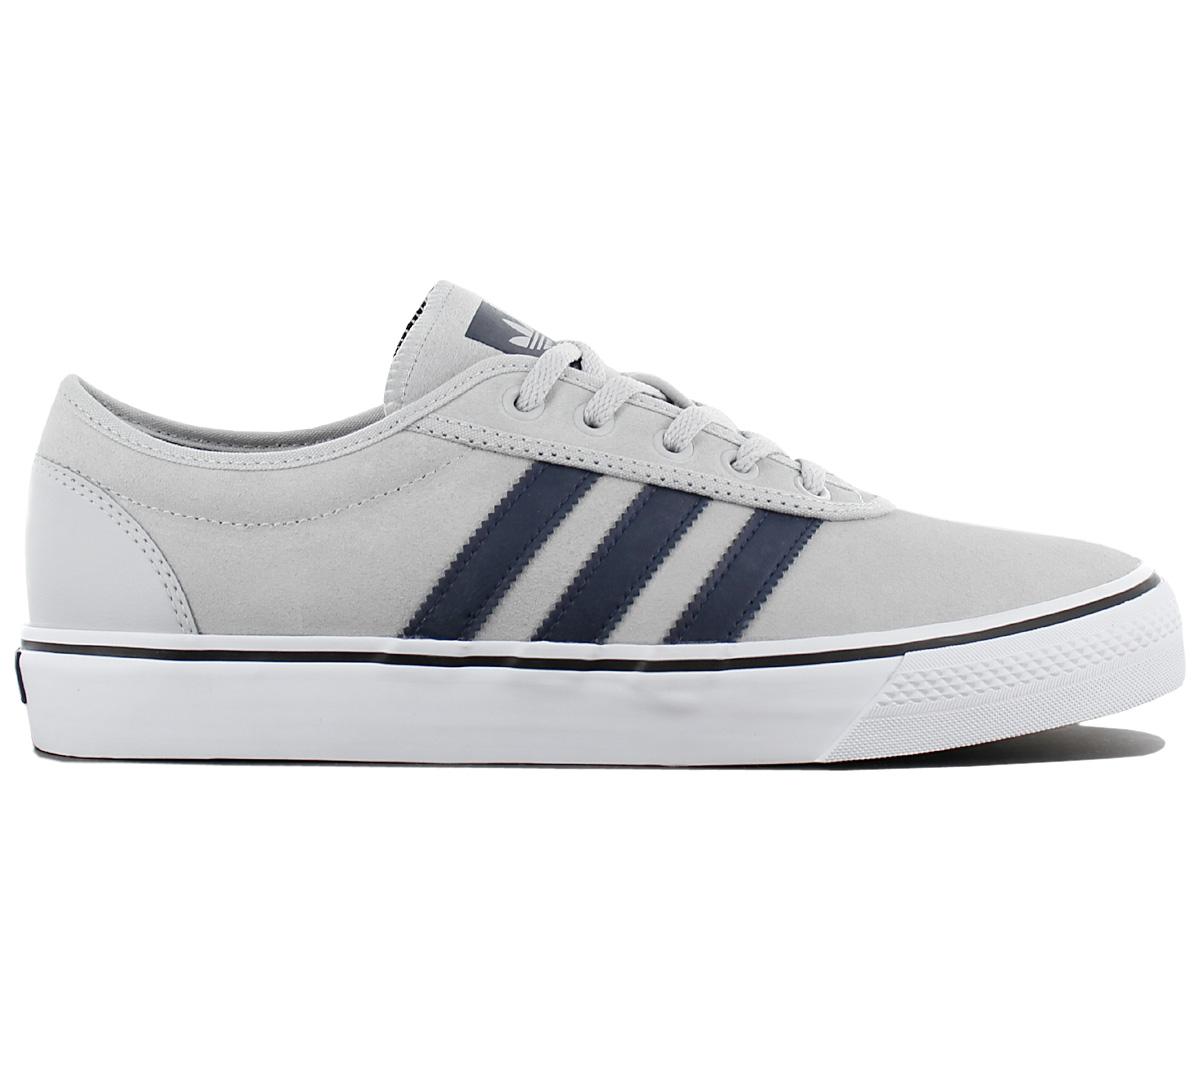 Adi Beige Discount Adidas Originals Leder Ease Große 2